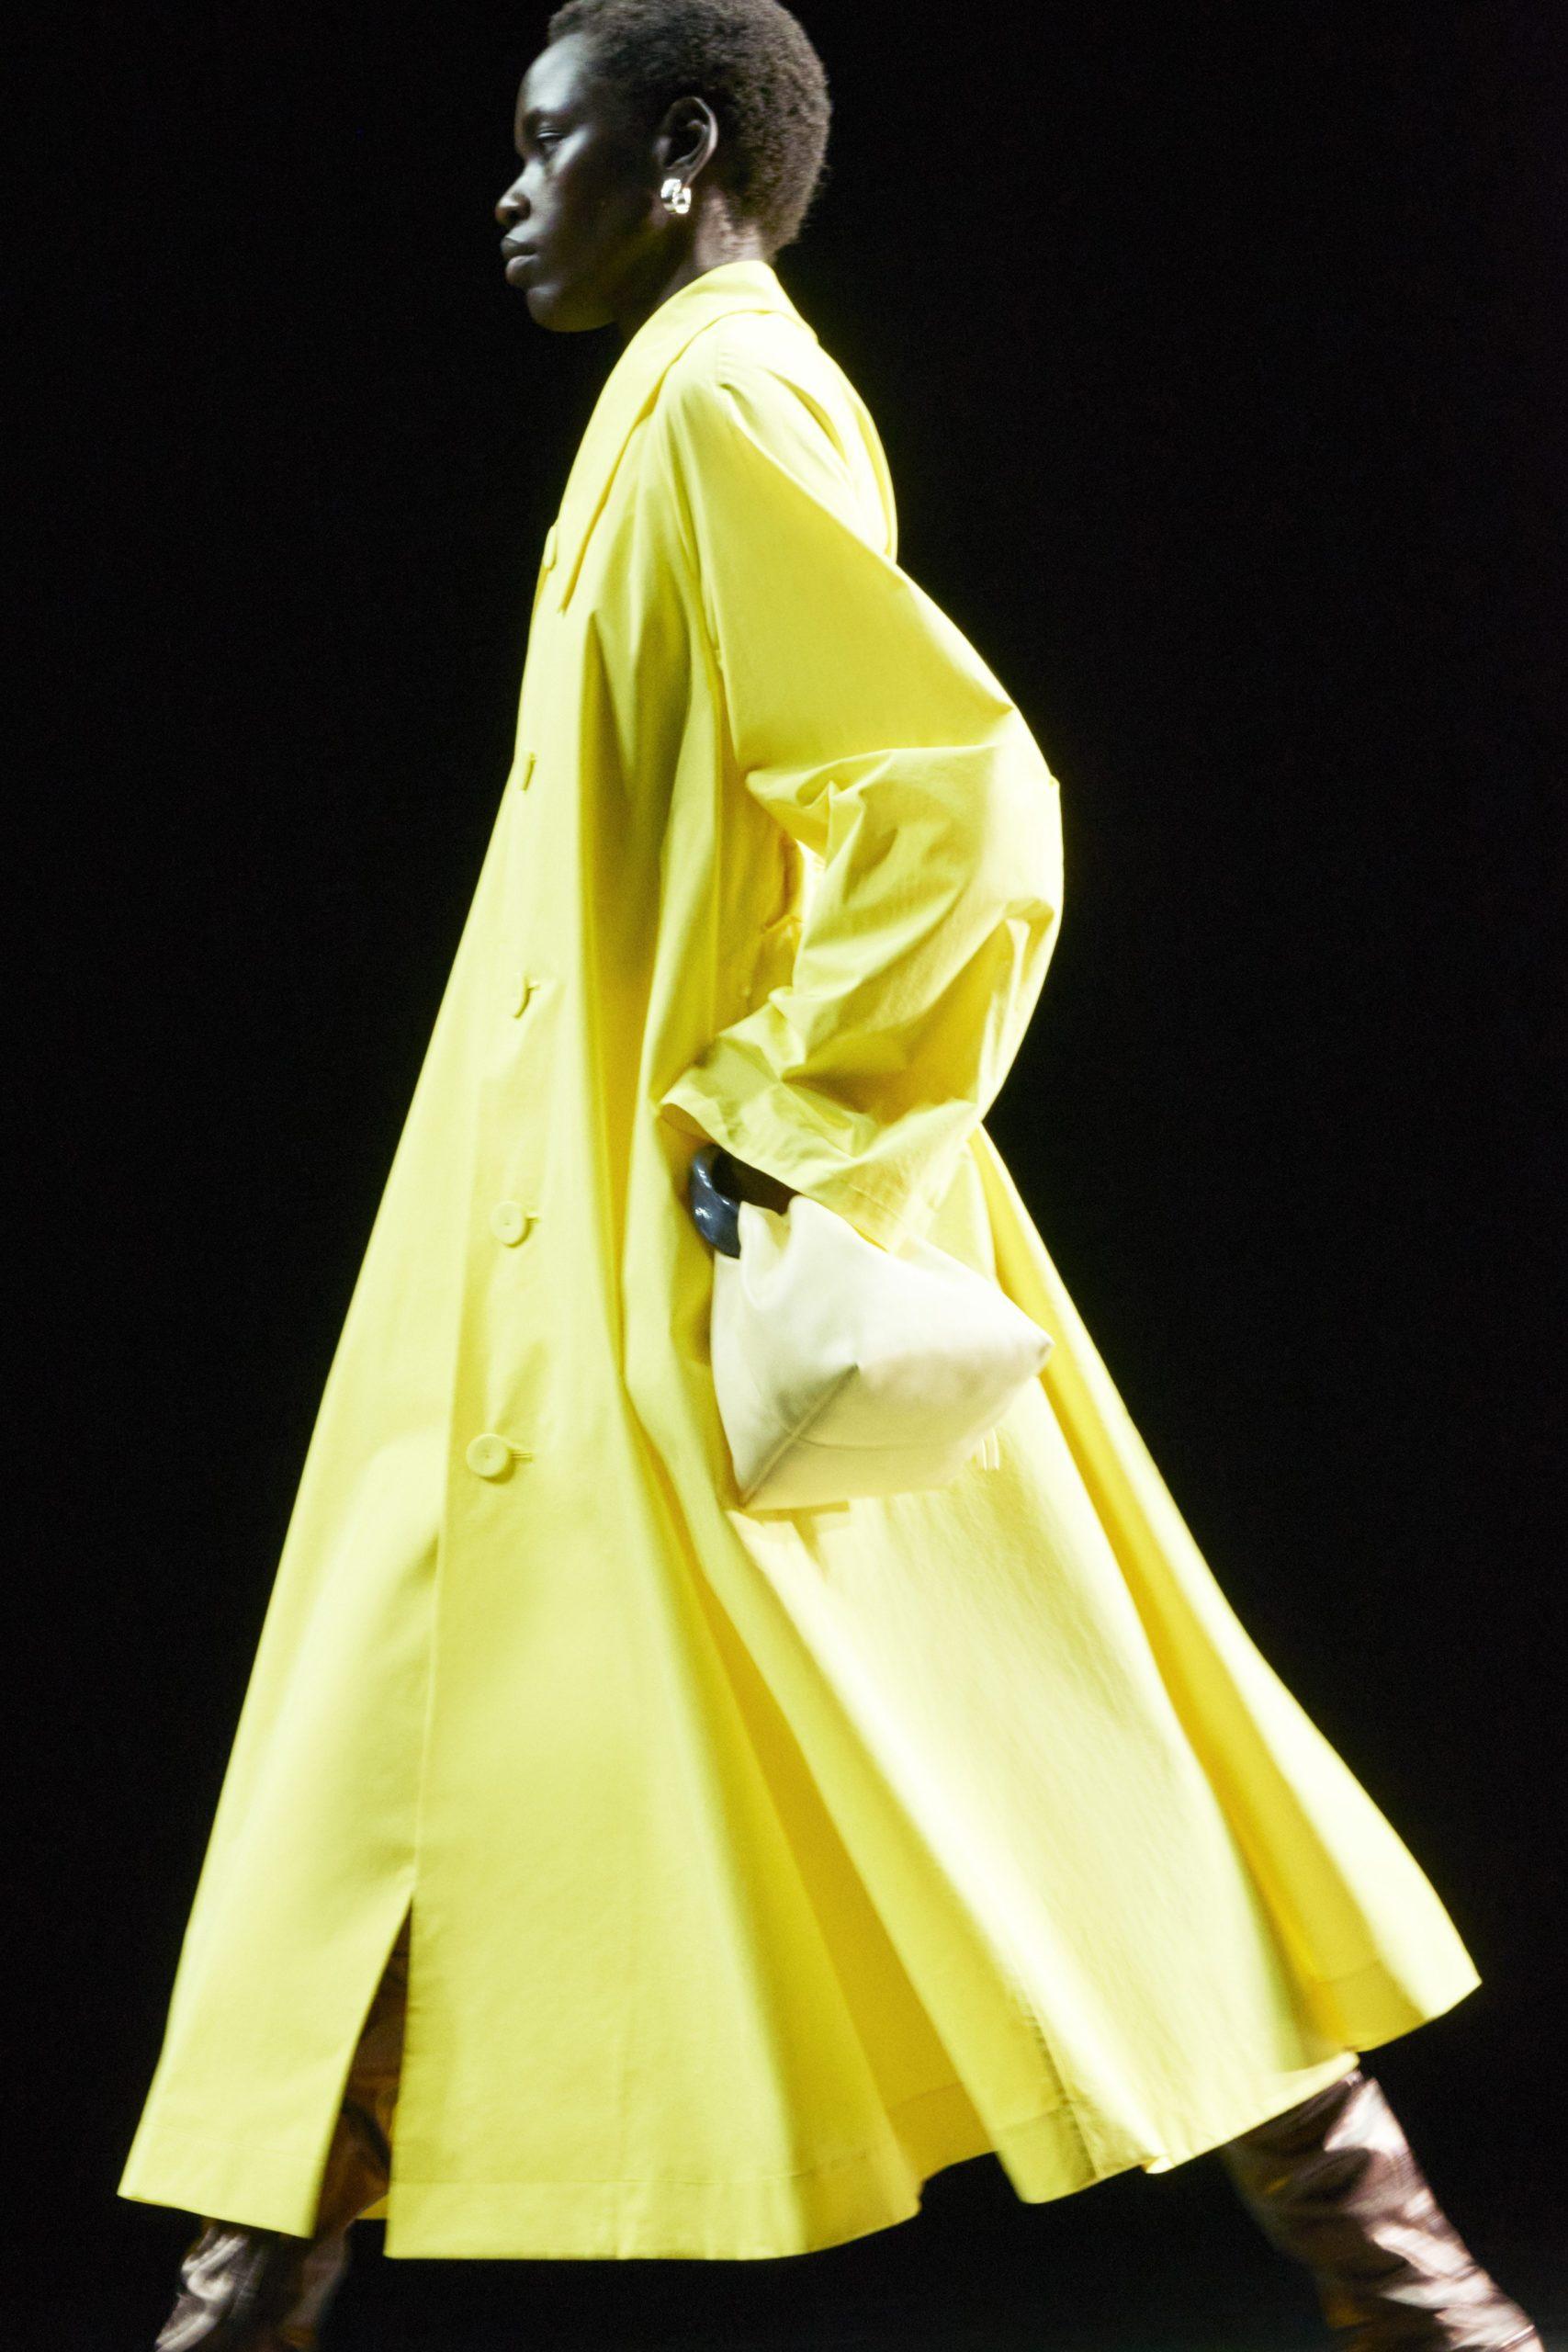 Золотые сапоги и прозрачное платье в пол в коллекции Jil Sander SS21